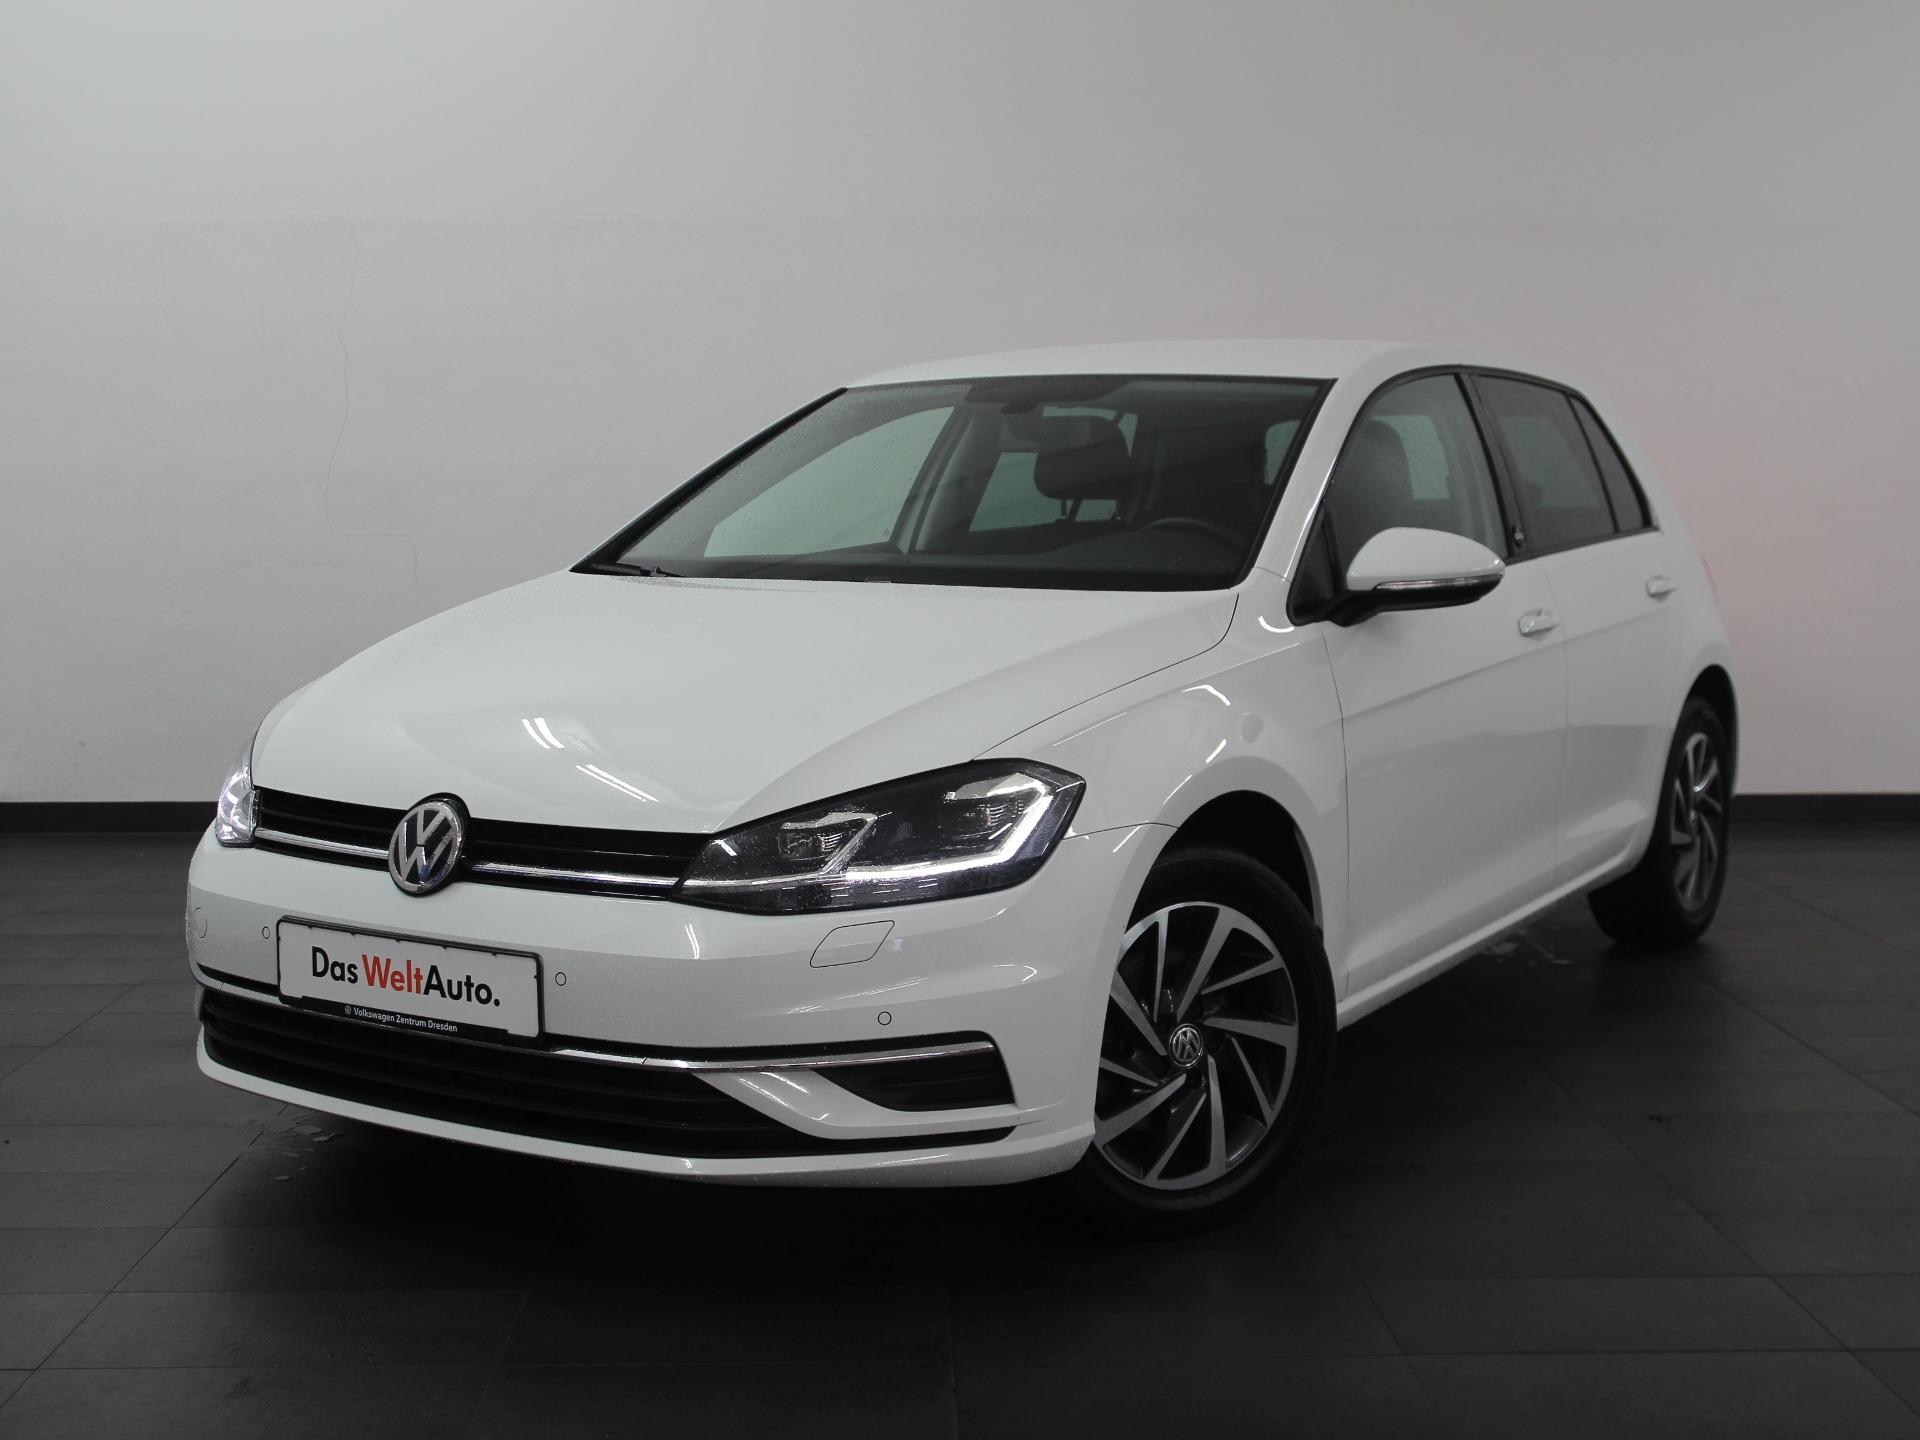 Volkswagen Golf VII SOUND TDI DSG LED ACC PDC APP ab 2.99%, Jahr 2017, Diesel